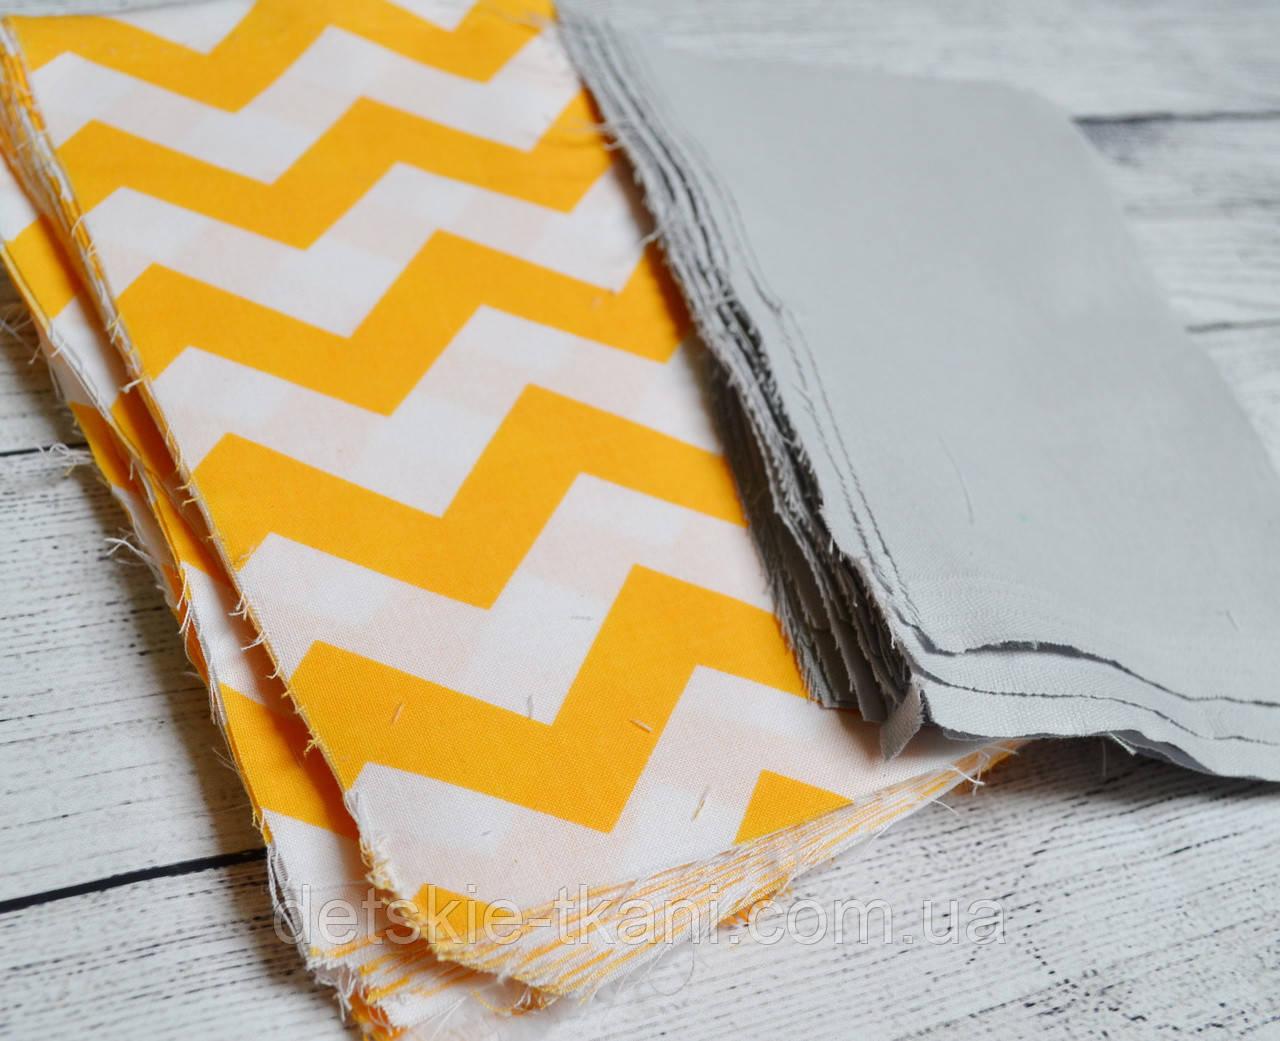 Набор для пэчворка из лоскутков тканей серого и оранжевого цвета №17